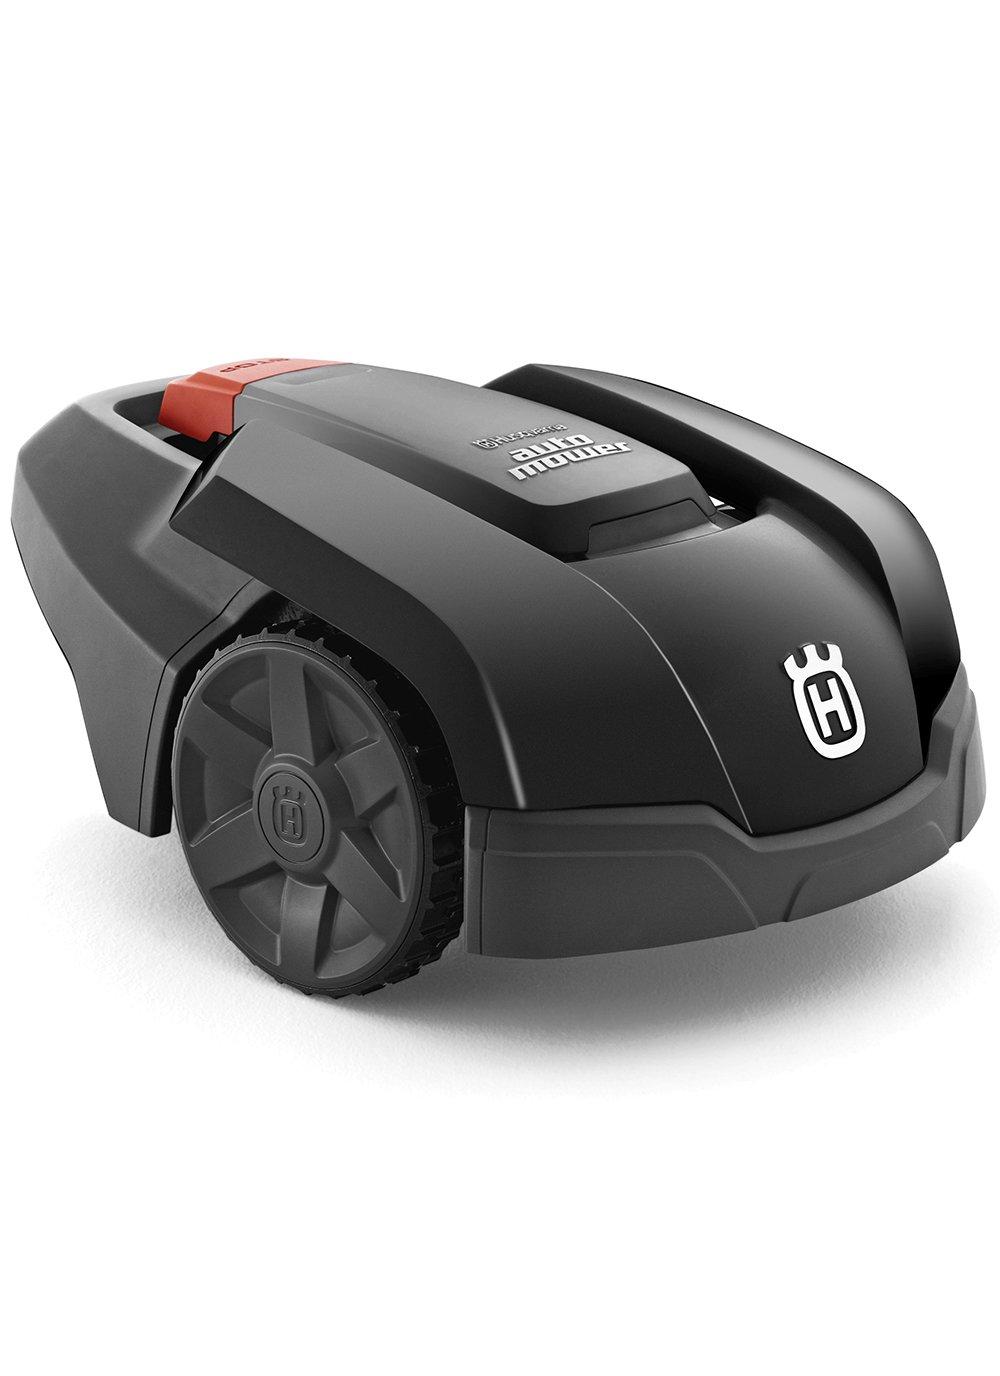 Husqvarna Mähroboter Automower 105 Rasenroboter Für Flächen Bis Zu 600 Qm